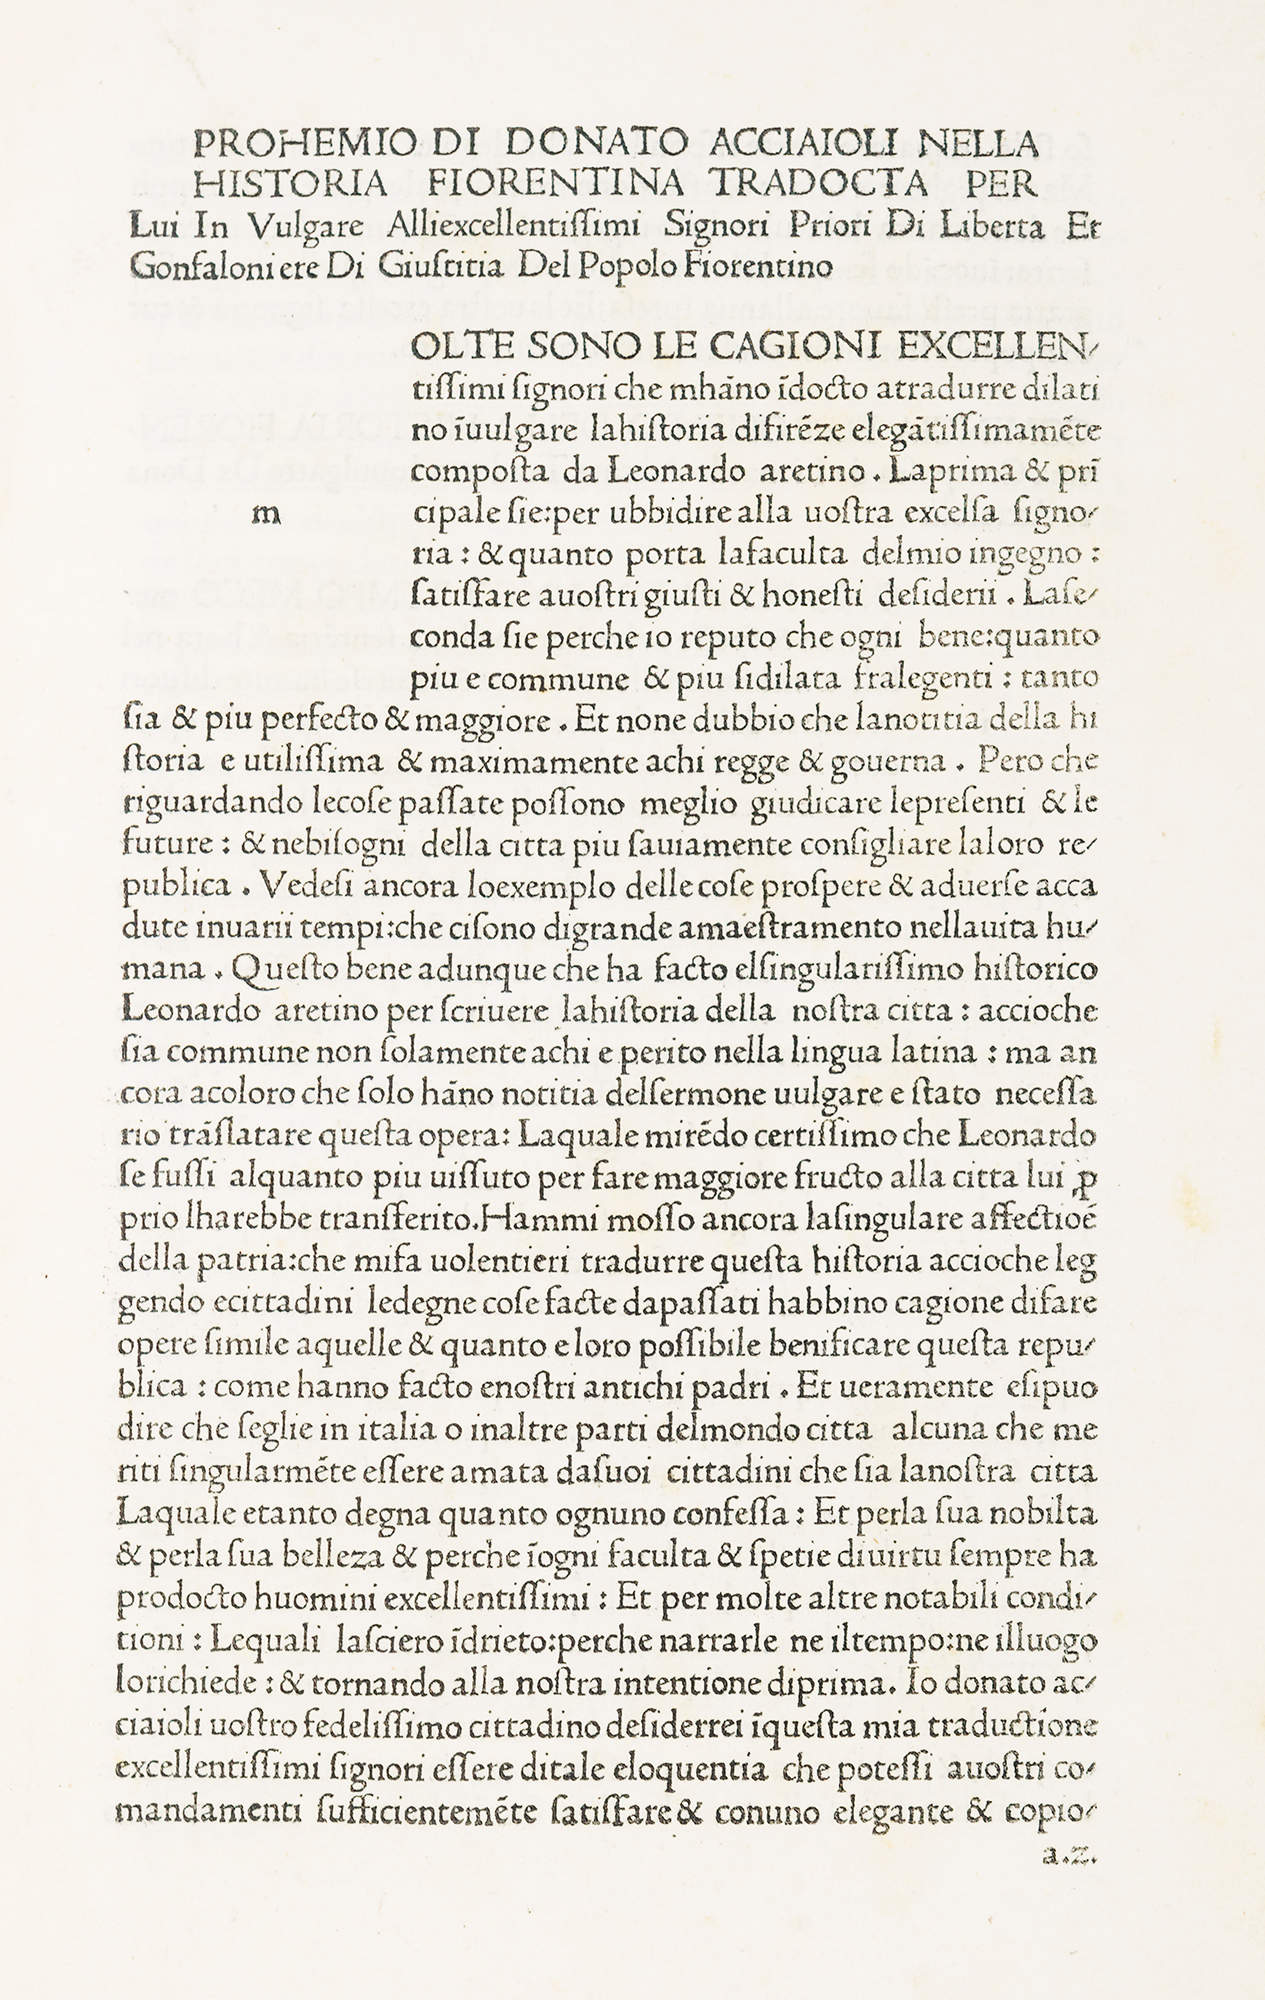 Historia fiorentina